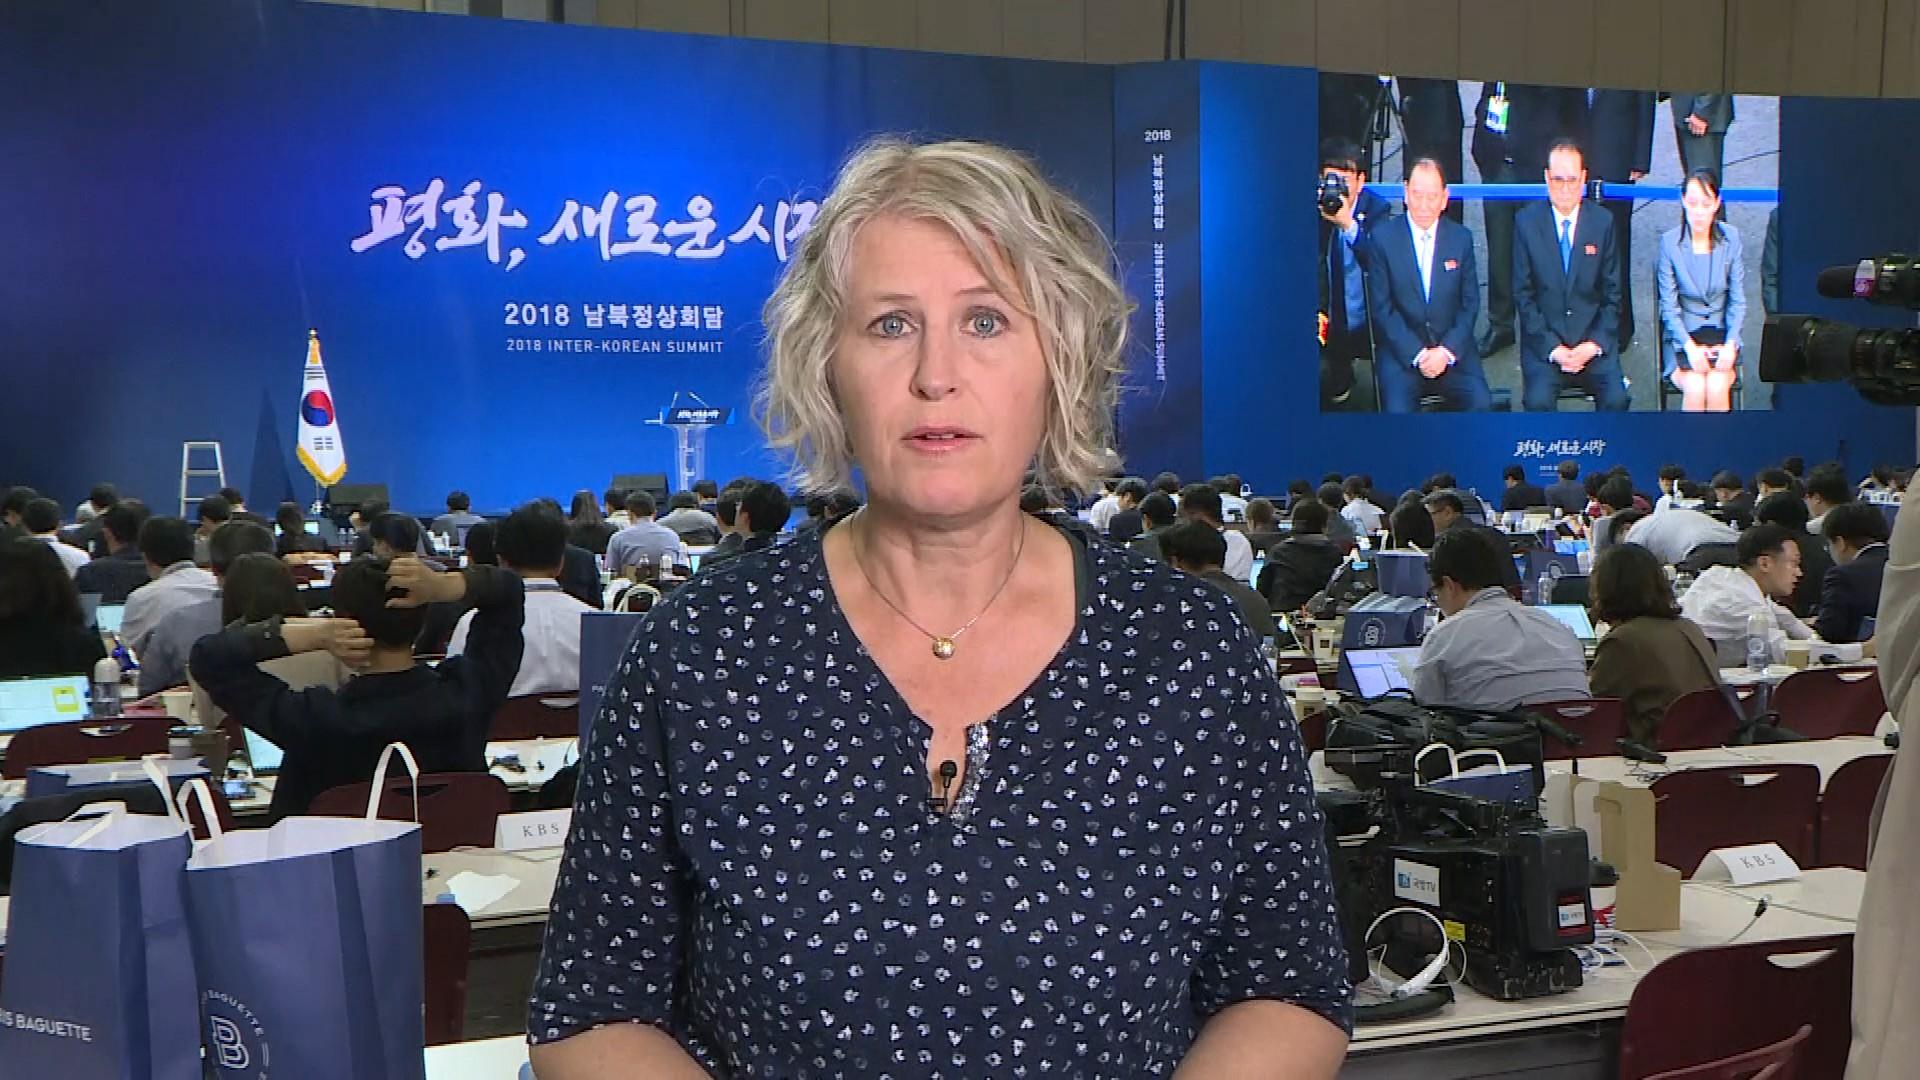 c5ee71b79 Kim og Moon vil avslutte krigen mellom Nord- og Sør-Korea – NRK Urix ...